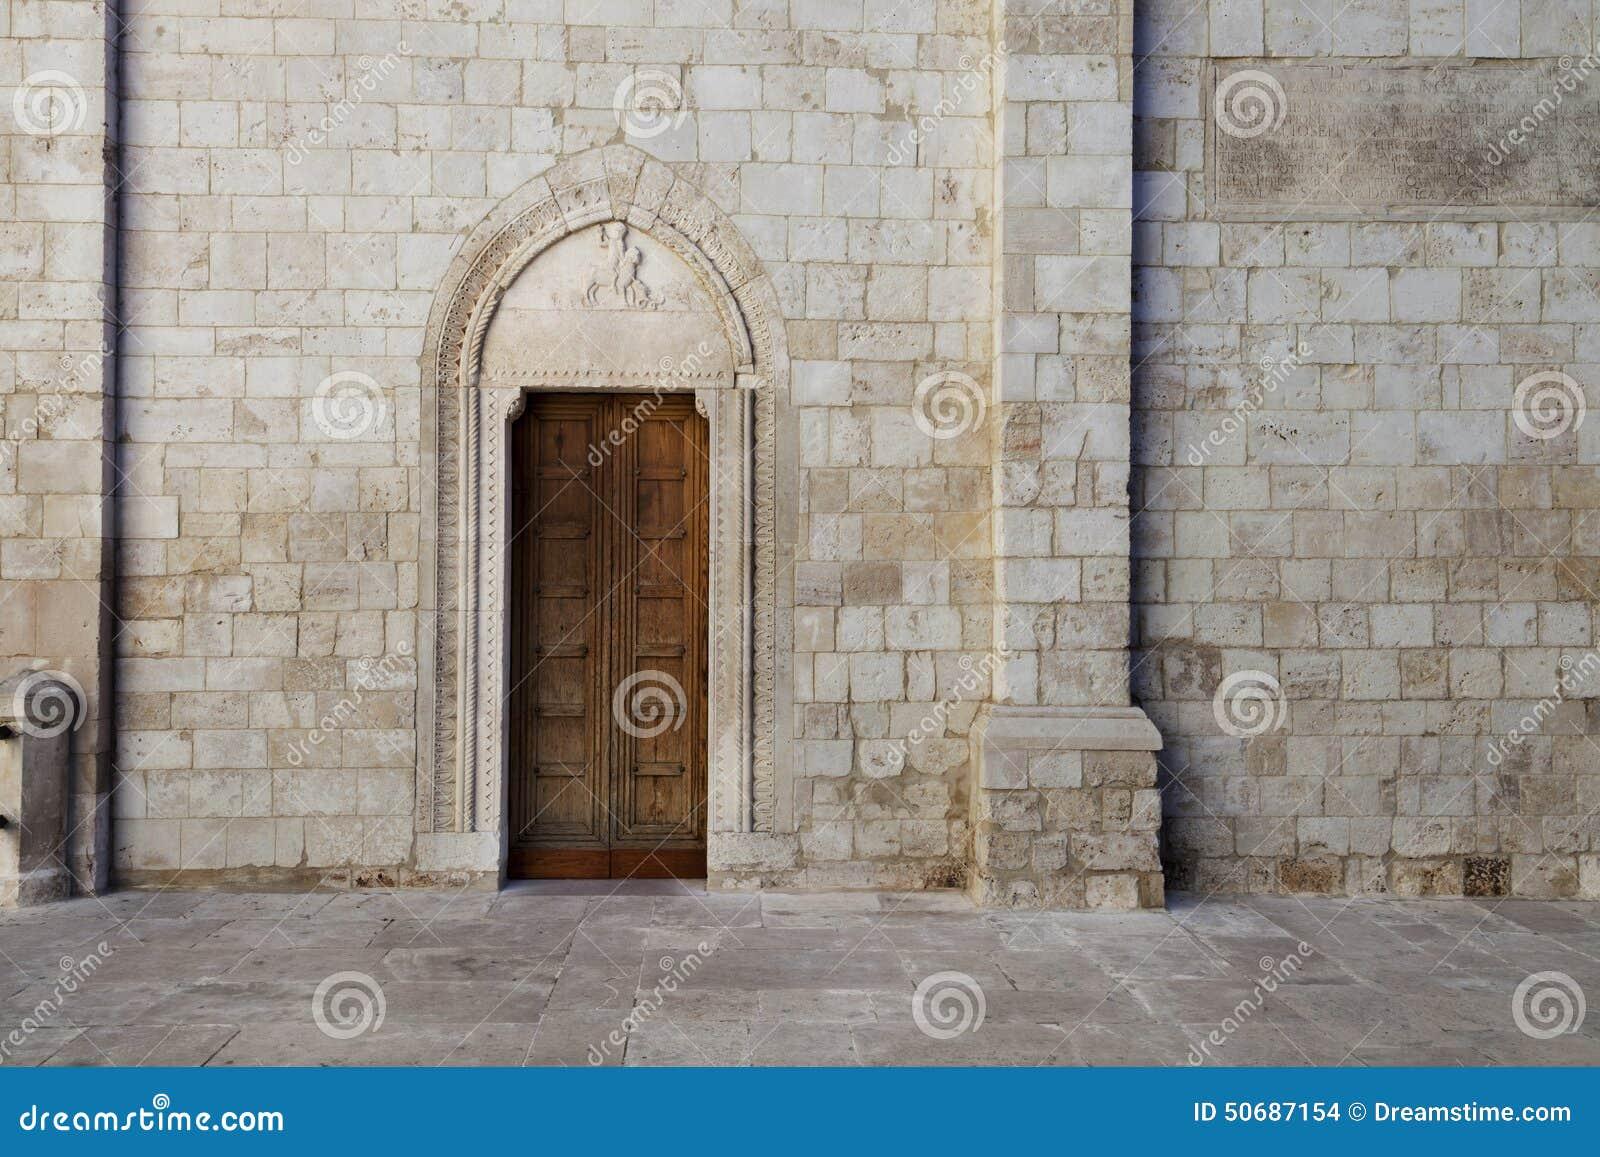 Download Cattedrale二孔韦尔萨诺,普利亚,意大利 库存照片. 图片 包括有 房子, 宗教, 蓝色, 透视图 - 50687154